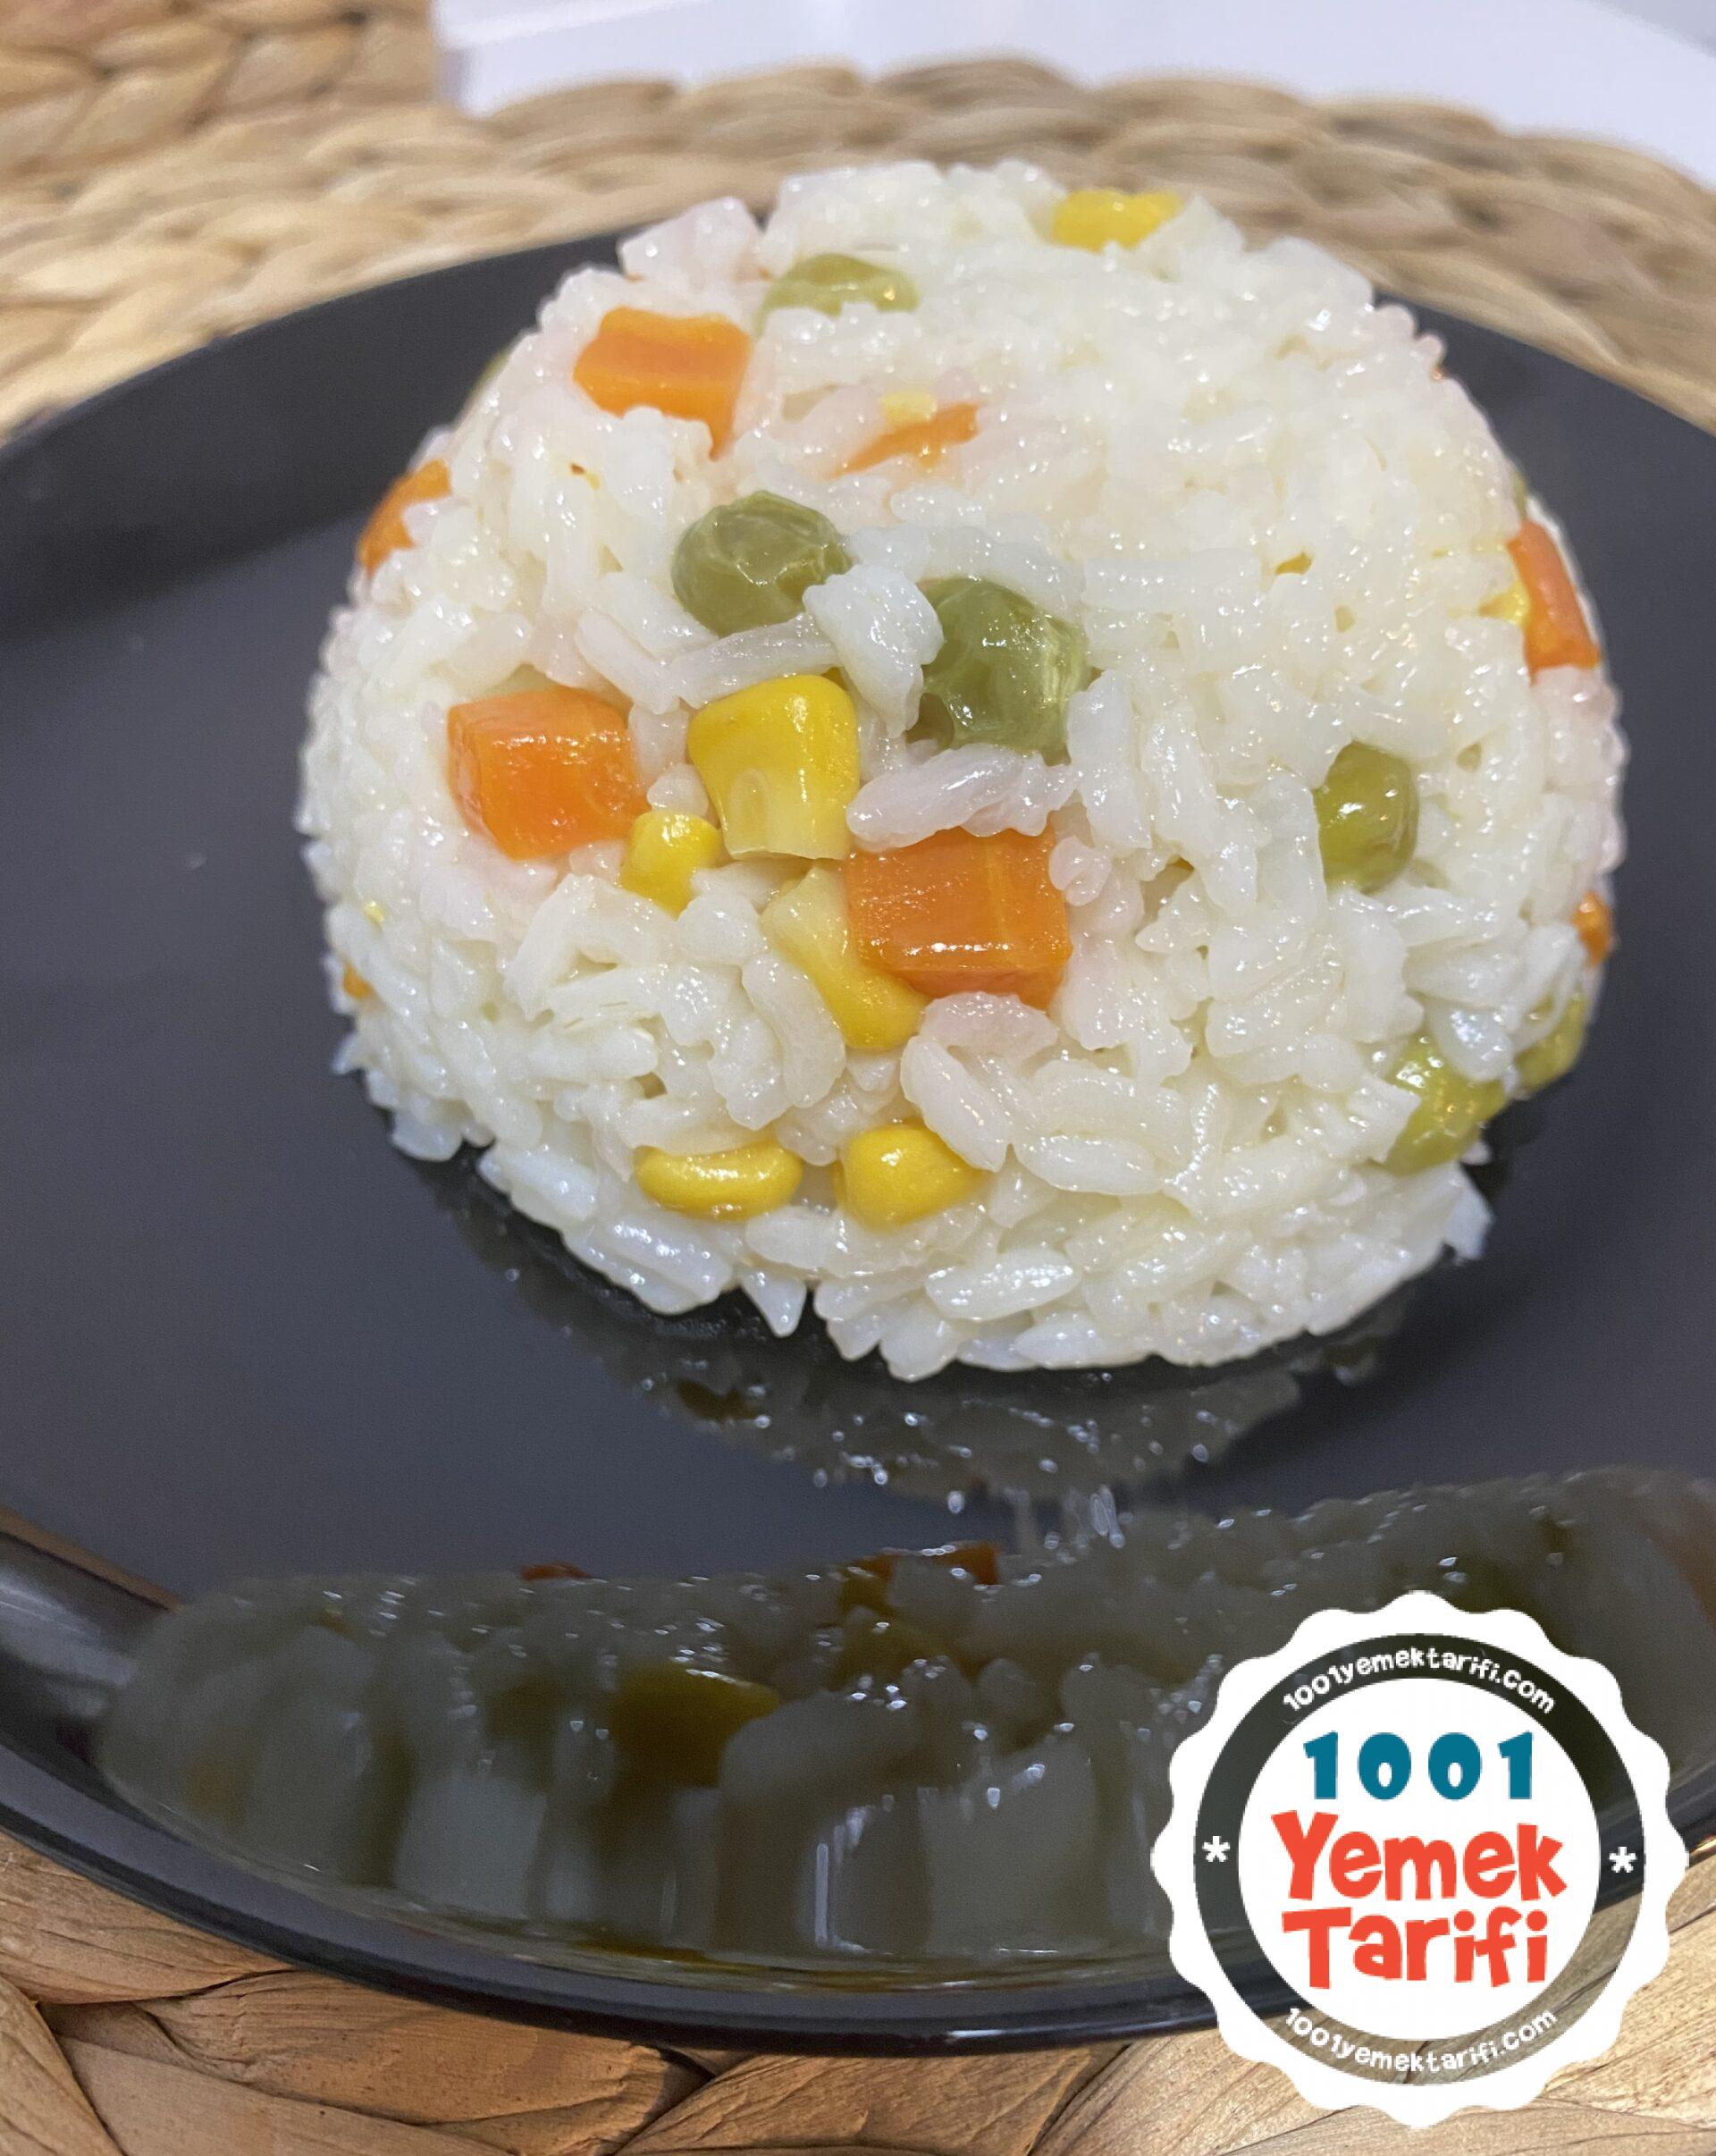 sebzeli pirinç pilavı tarifi nasıl yapılır